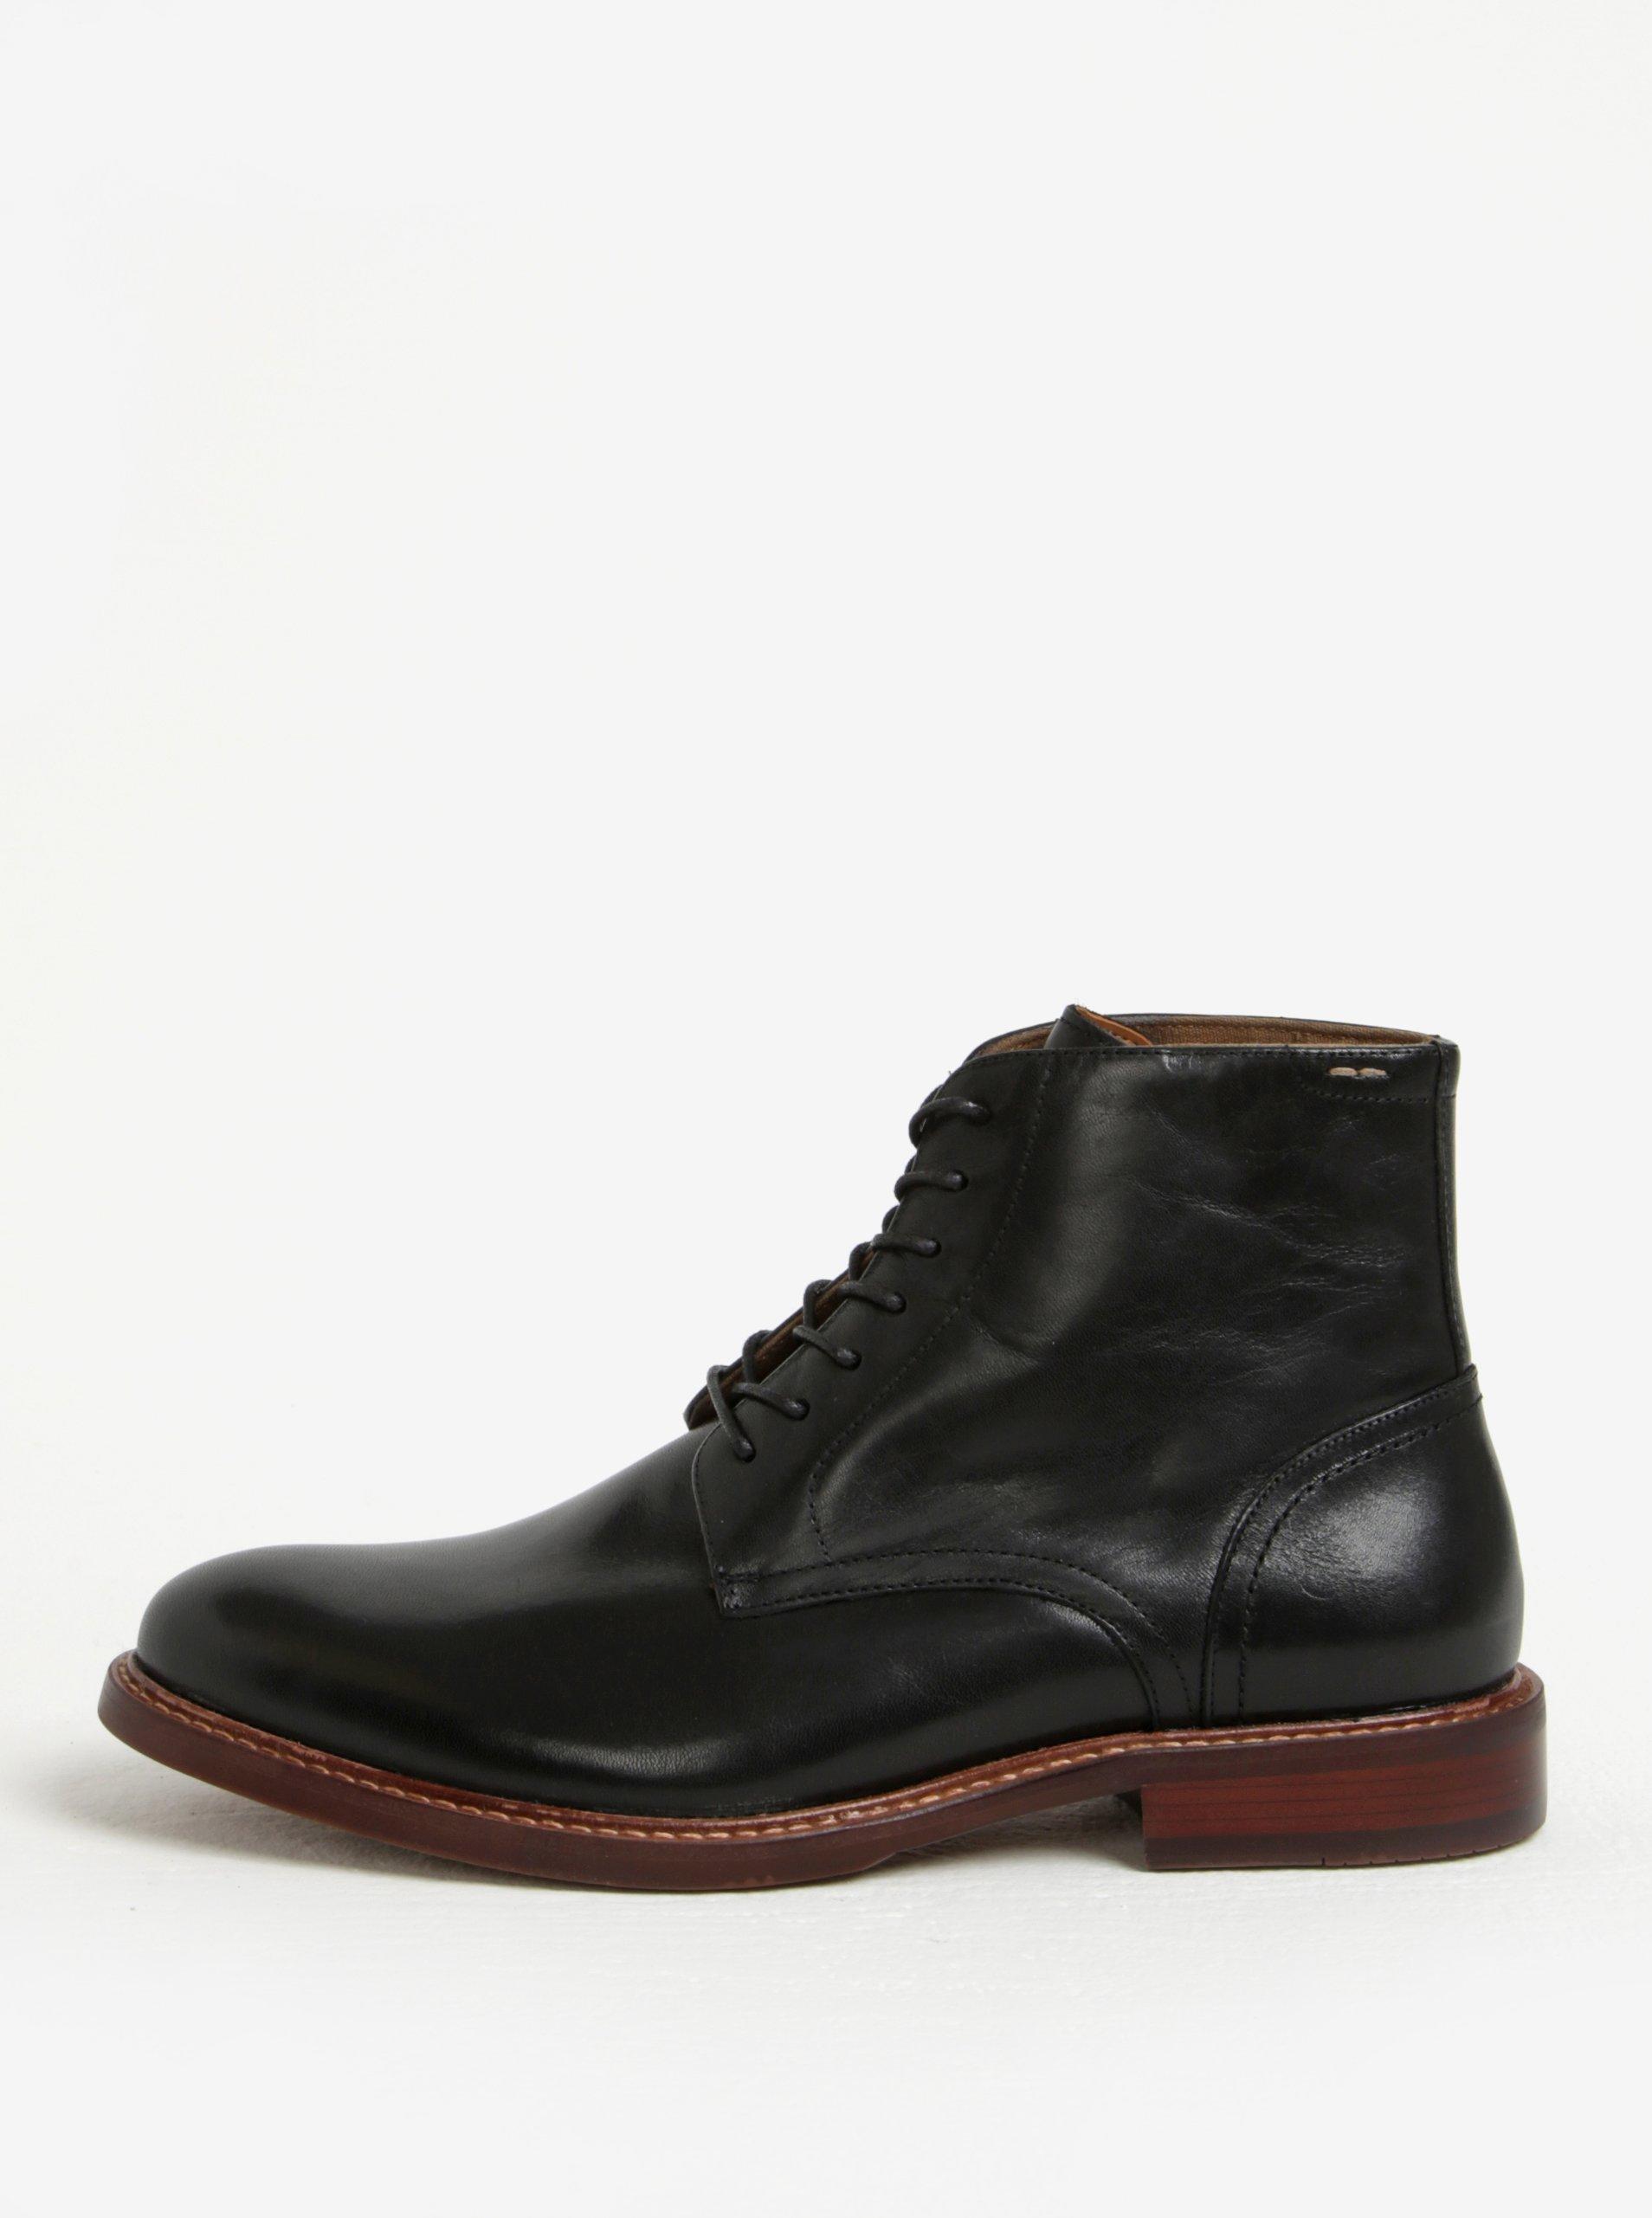 7647cebd5 Čierne pánske kožené členkové topánky ALDO Lamere | Moda.sk